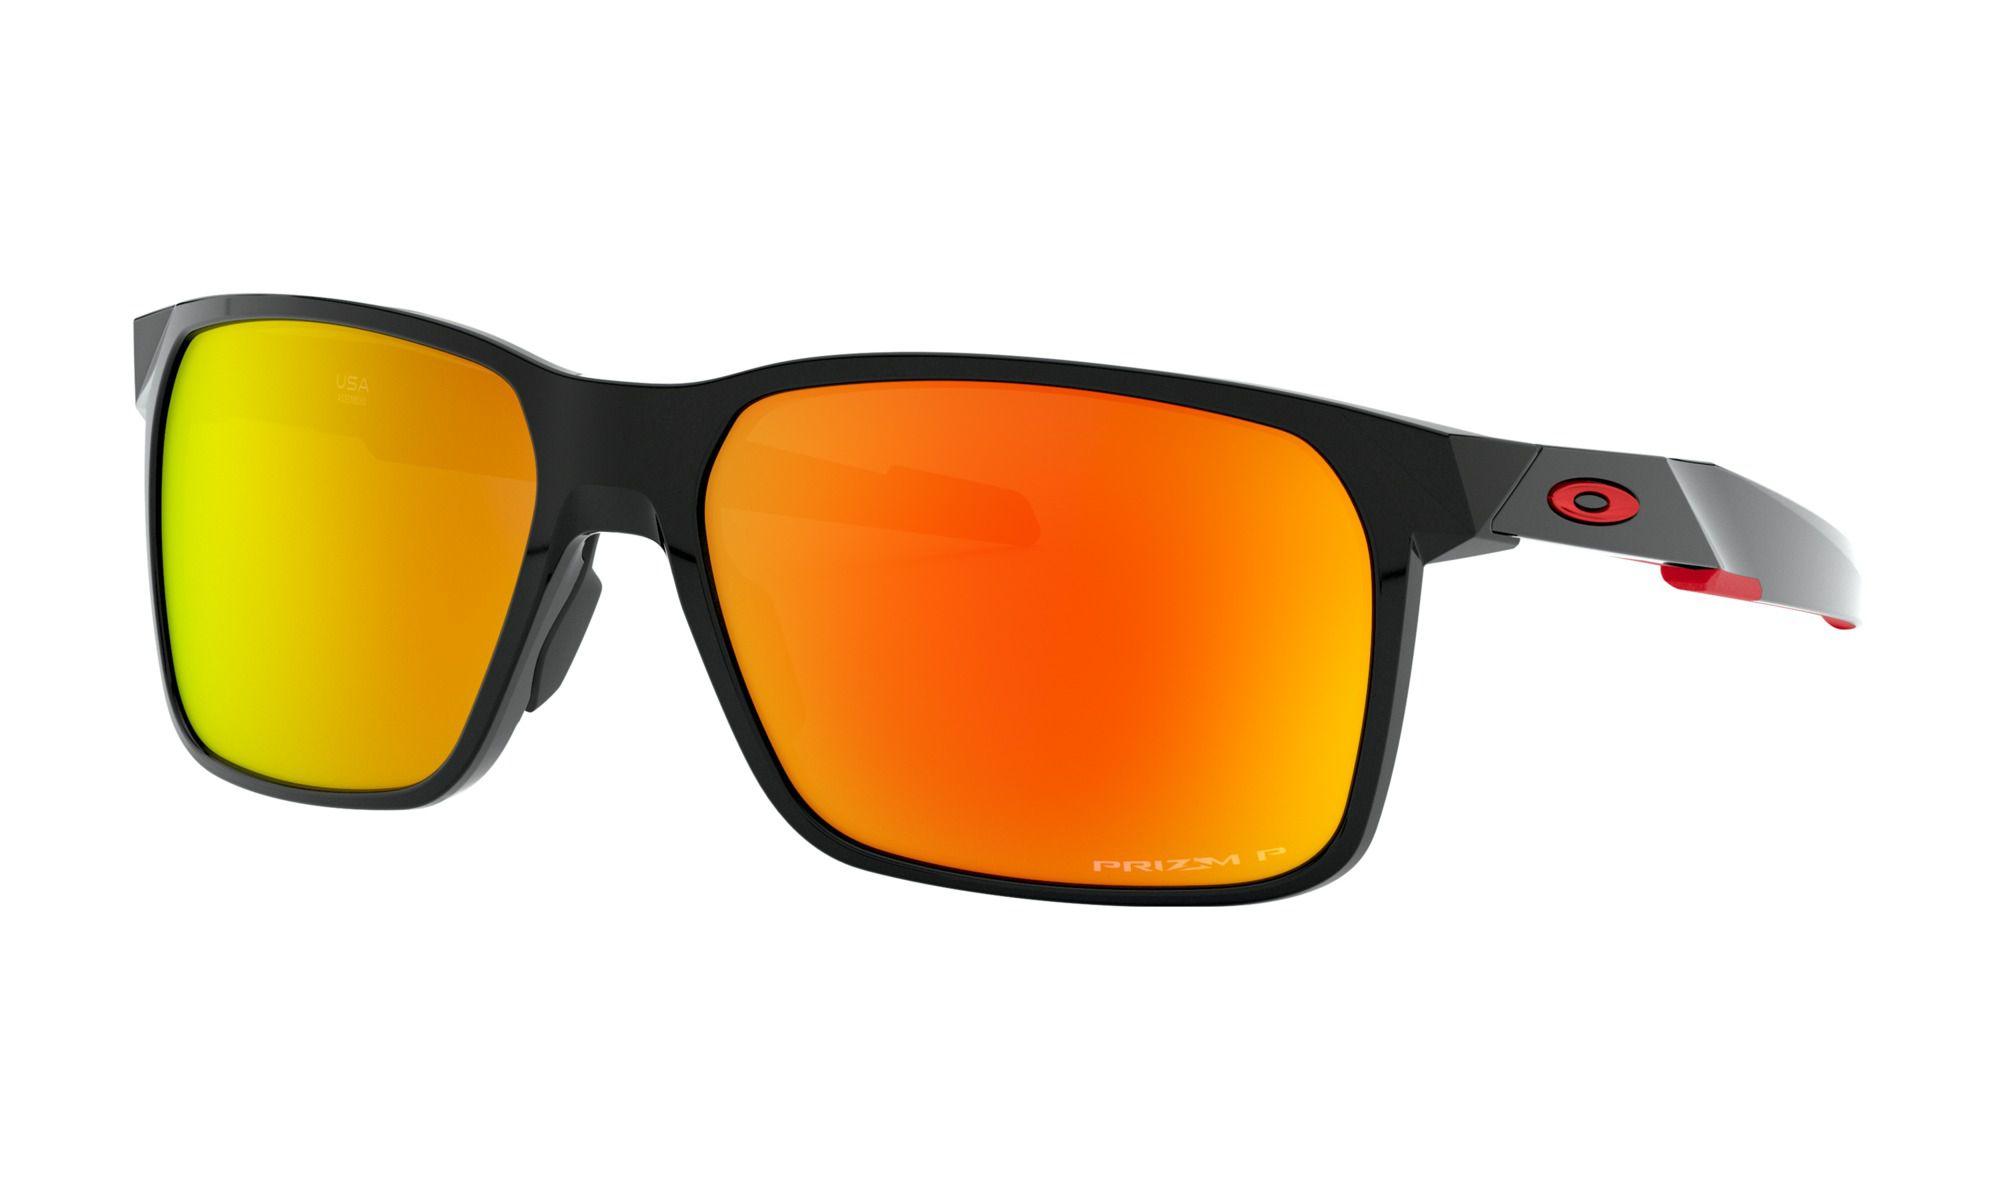 Óculos Oakley Portal X Rubi Polido Polarizado